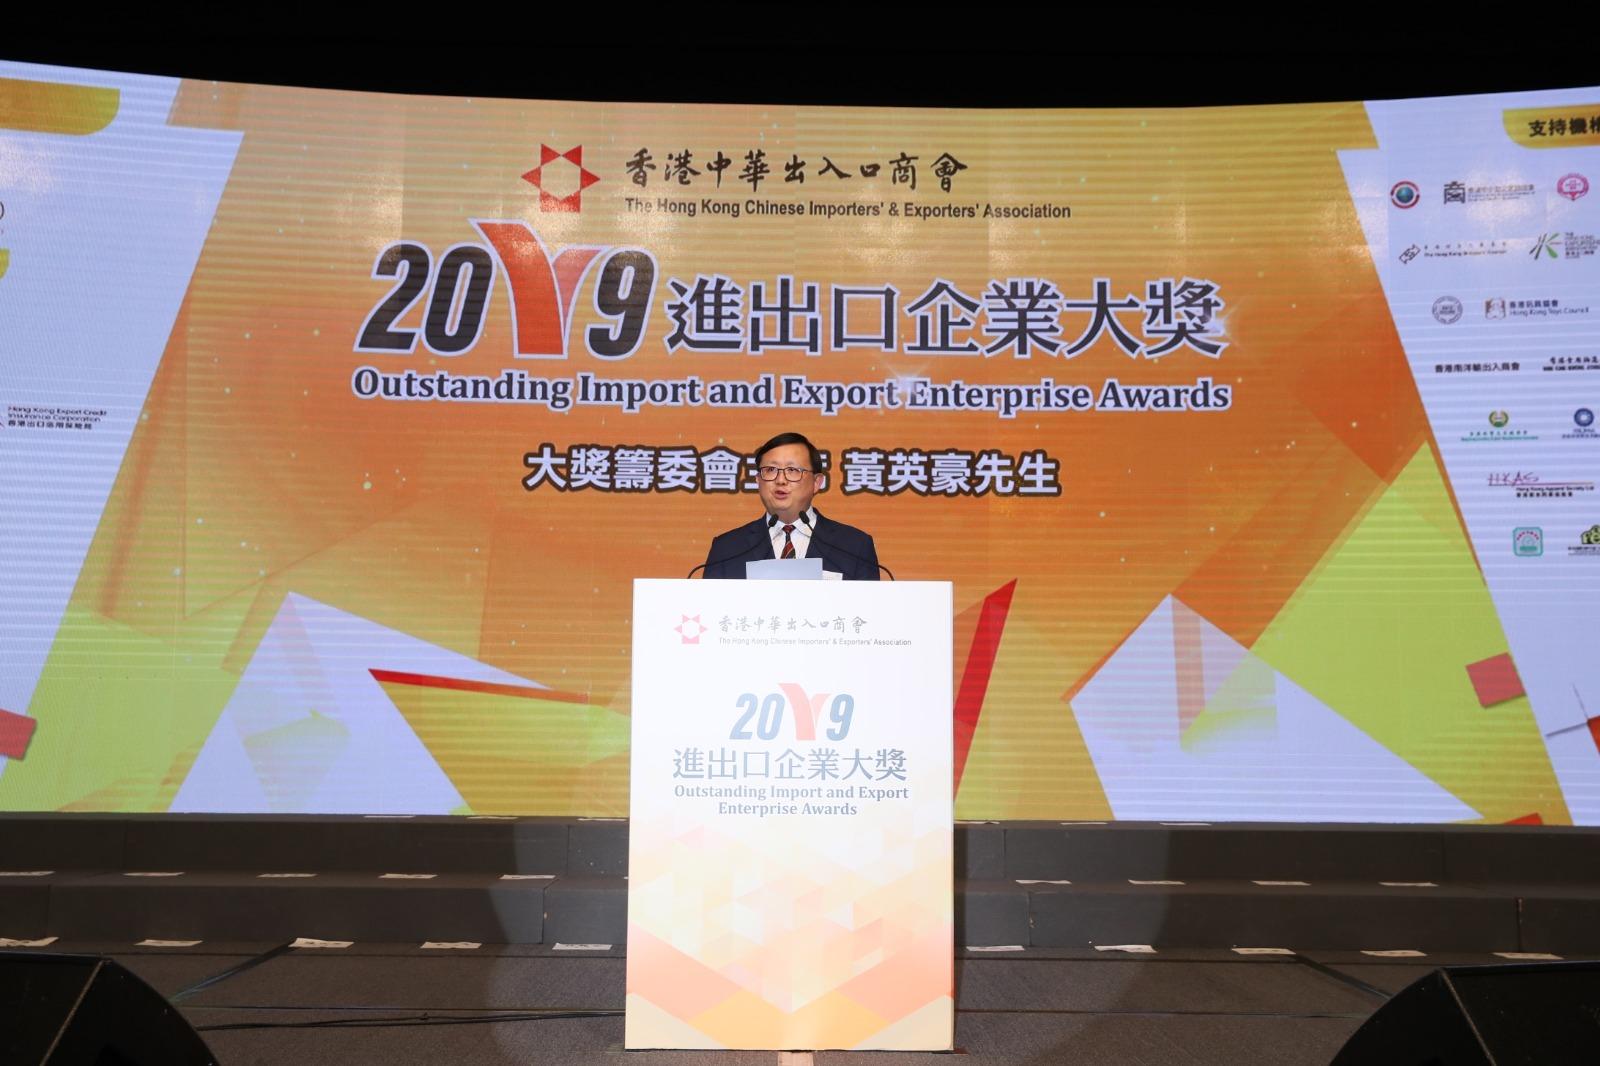 擔任「進出口企業大獎2019」籌委會主席